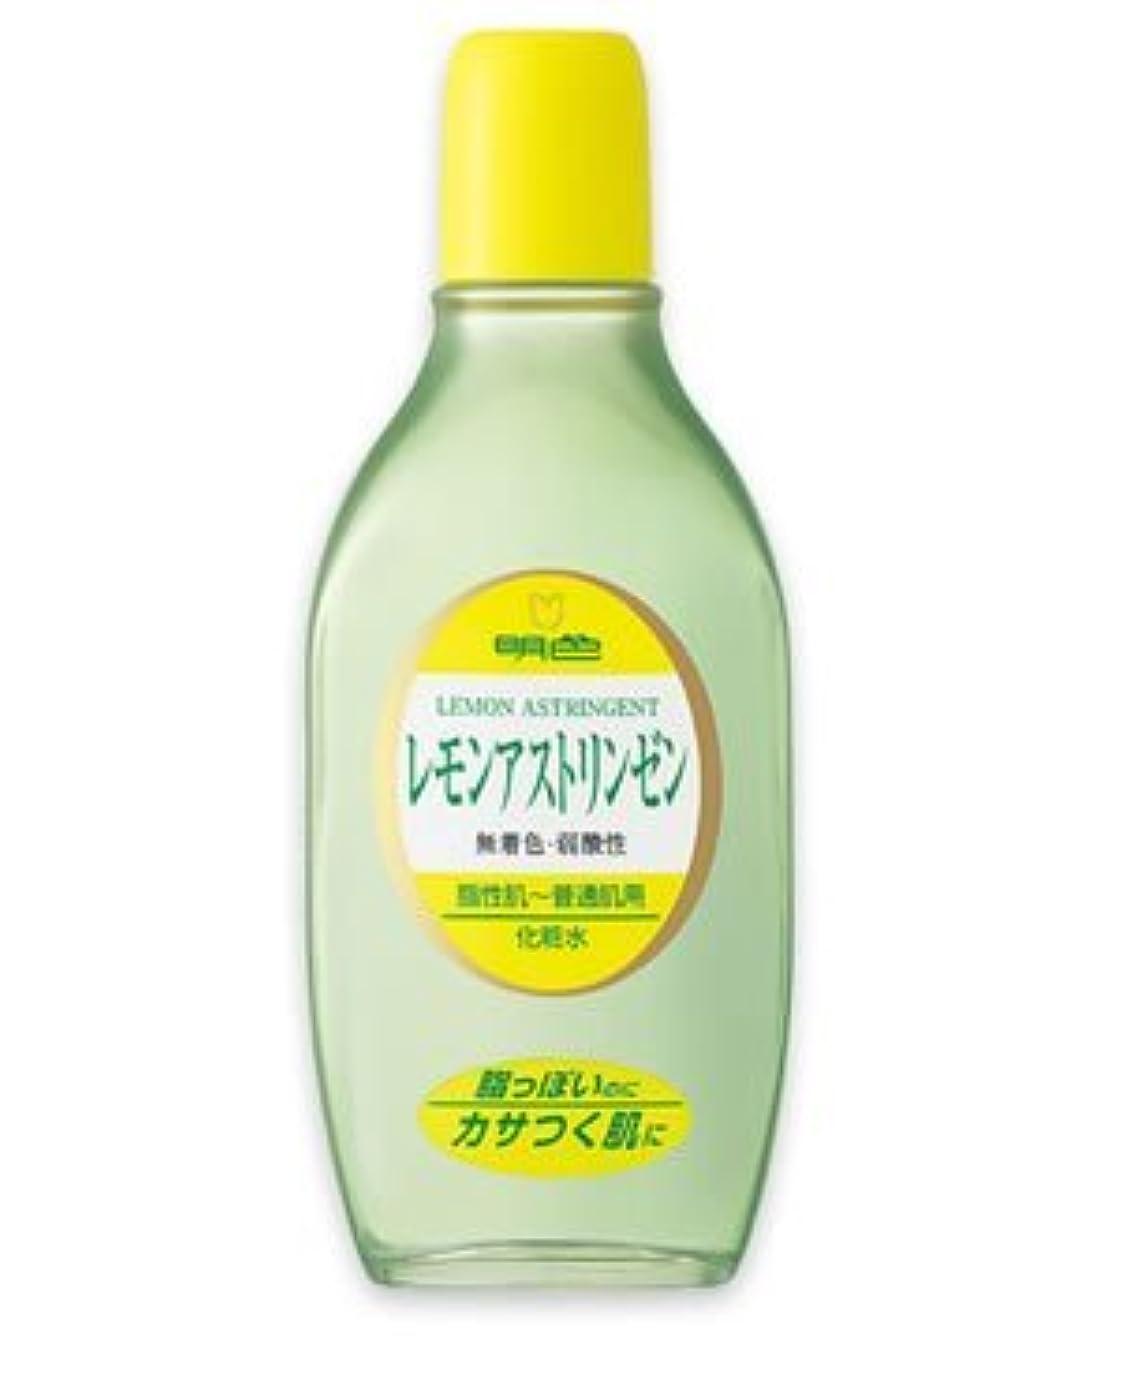 激怒木曜日クック(明色)レモンアストリンゼン 170ml(お買い得3本セット)